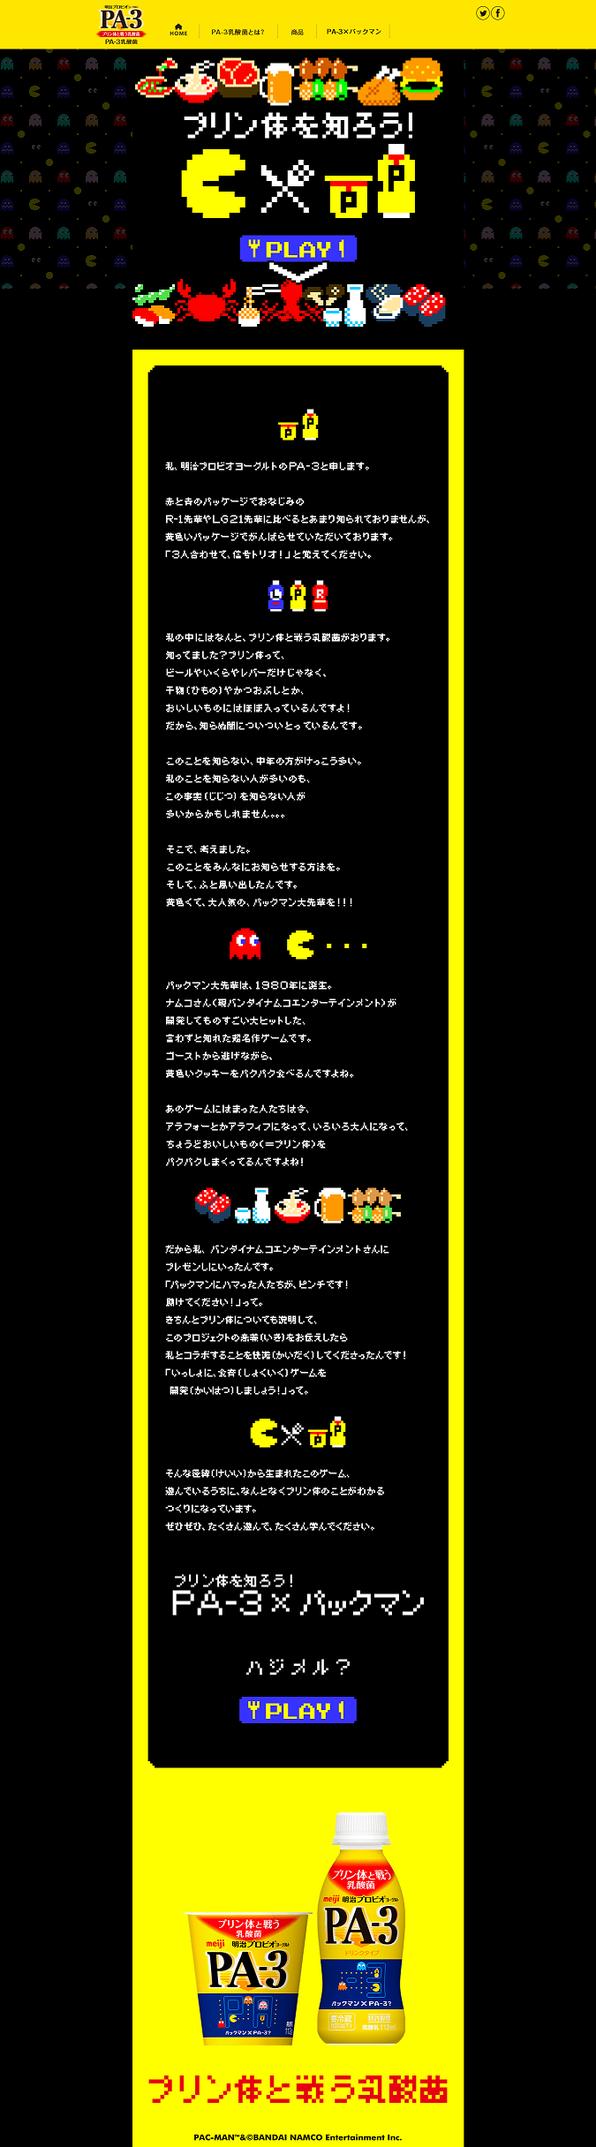 【明治】PA-3 プリン体を知ろう!「パックマン」コラボゲーム